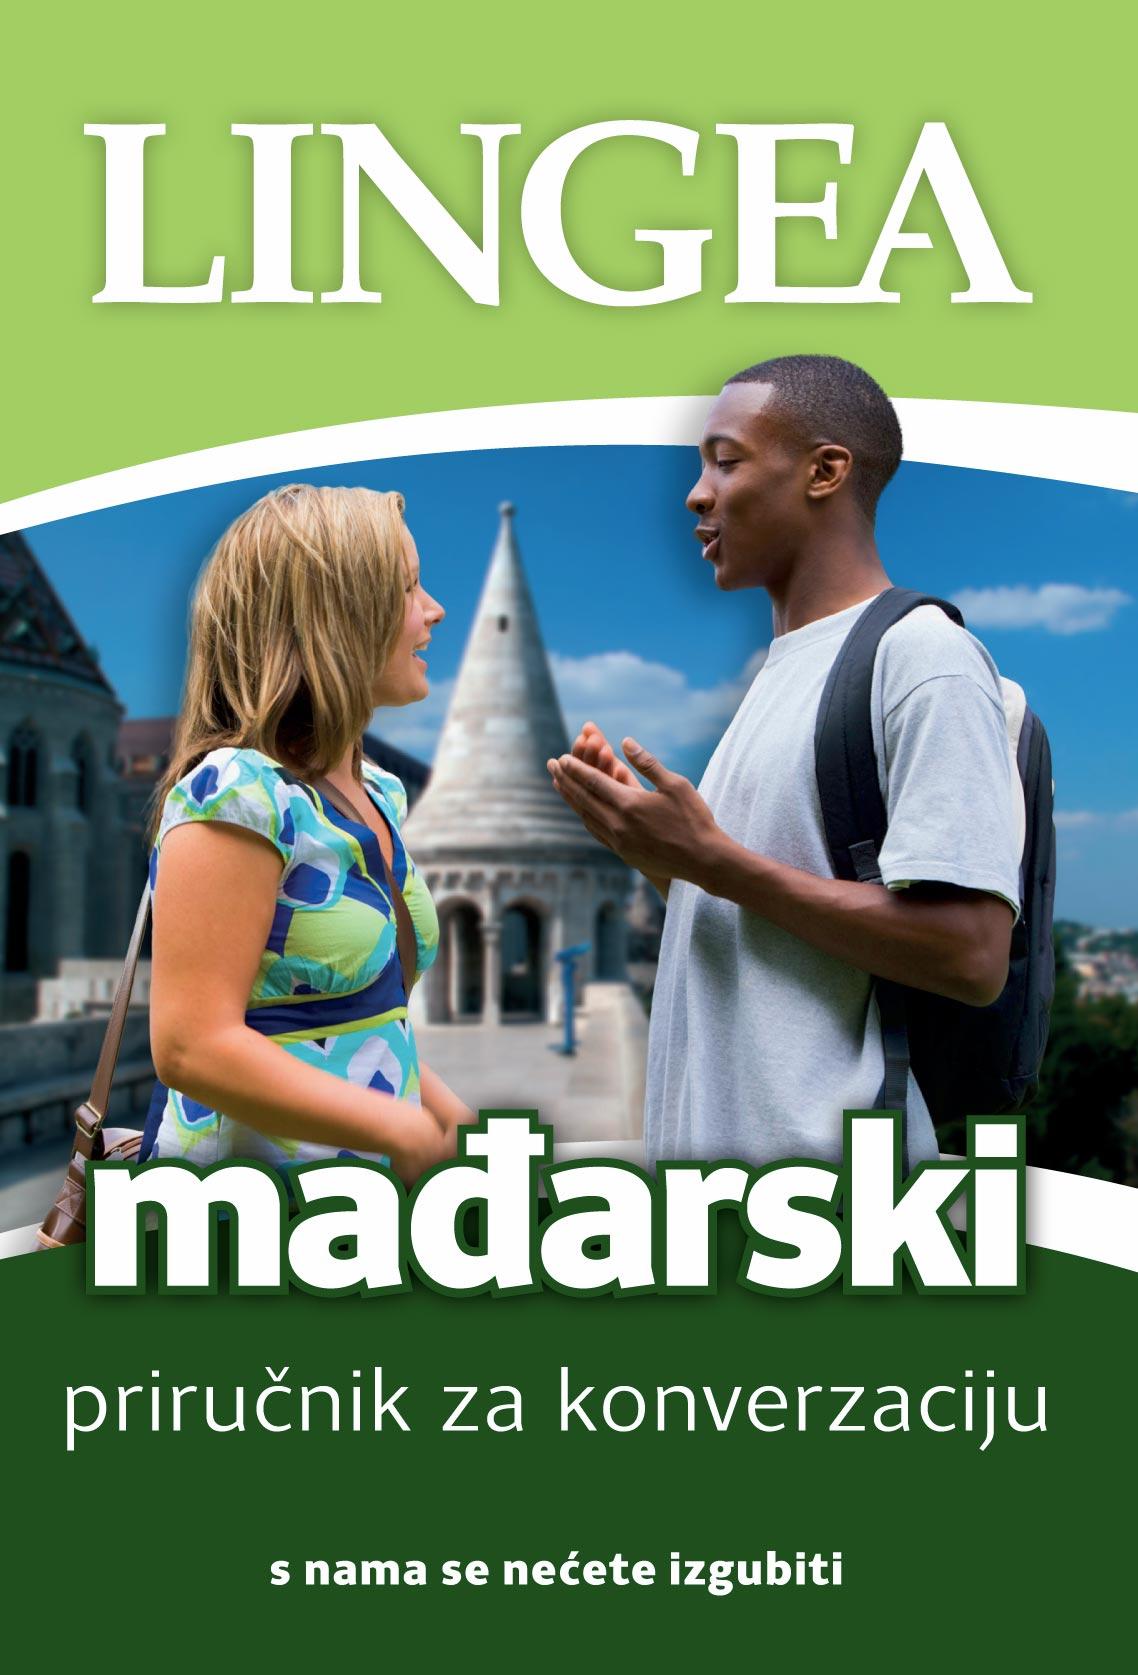 Mađarski - priručnik za konverzaciju EE